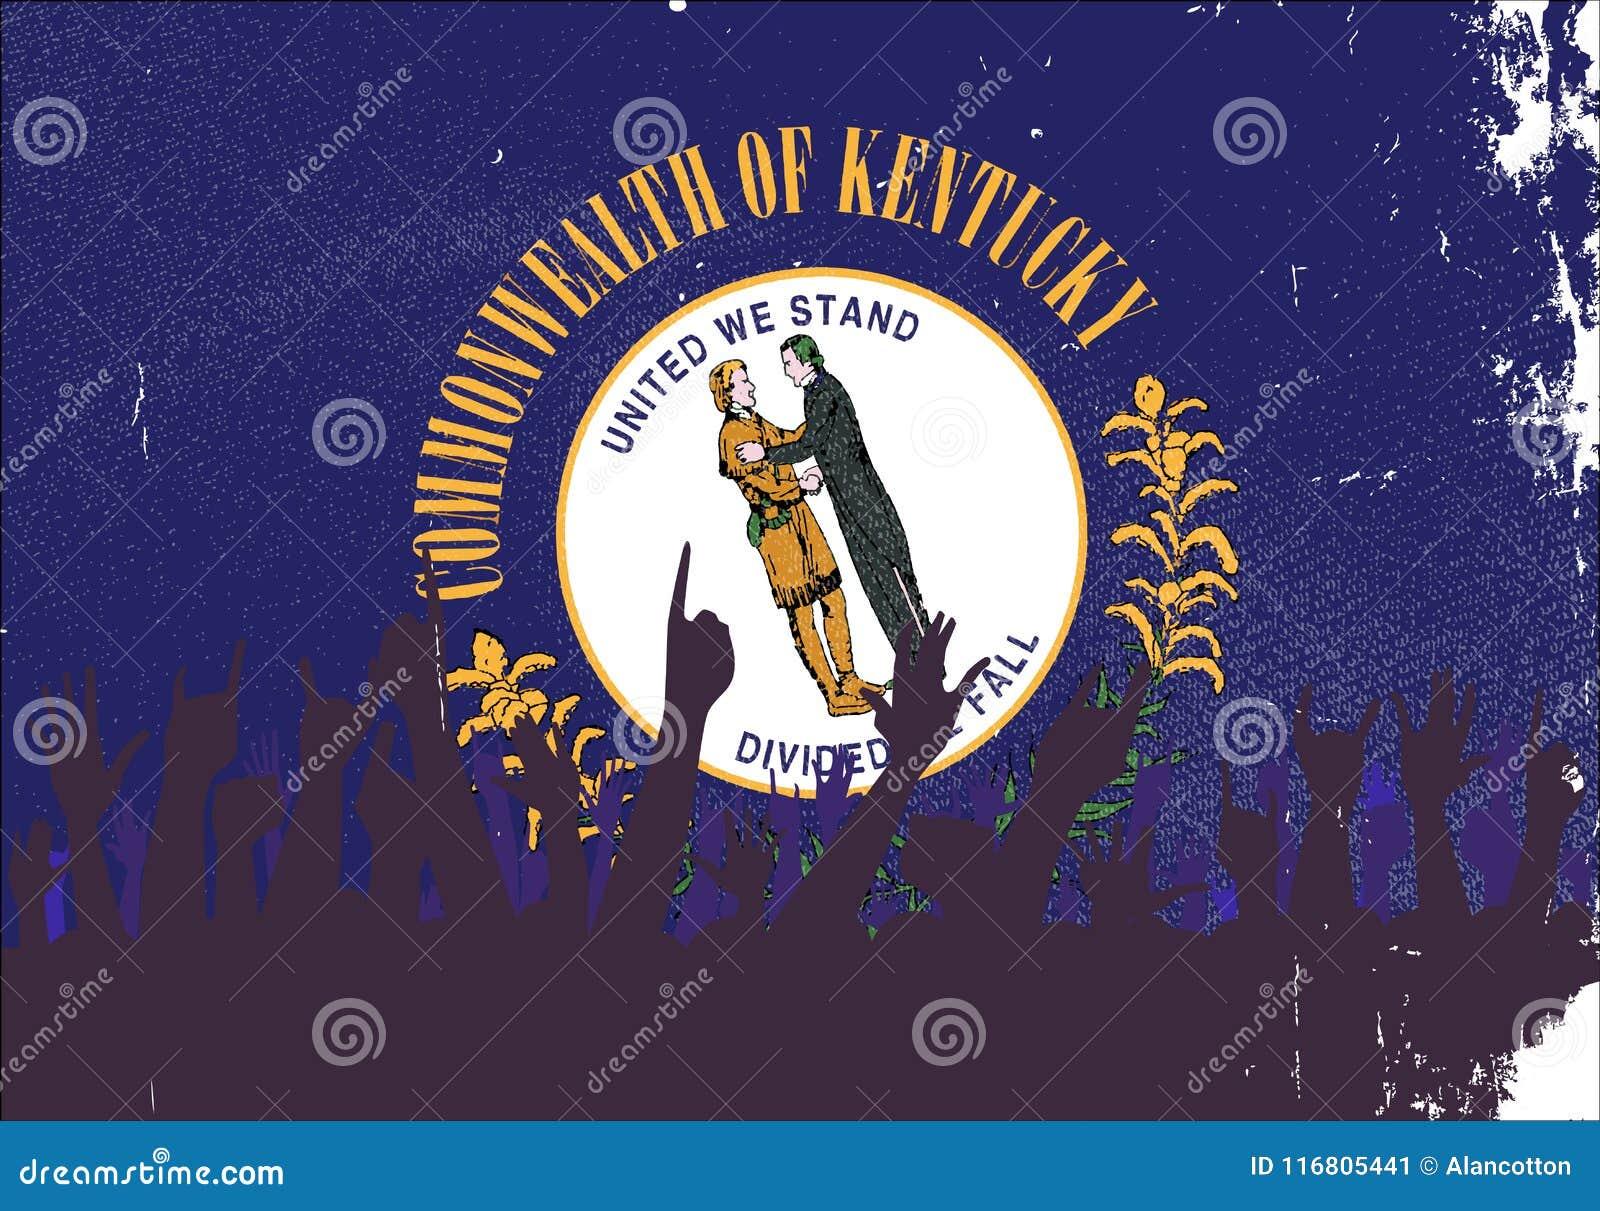 Bandiera dello stato del Kentucky con reazione del pubblico